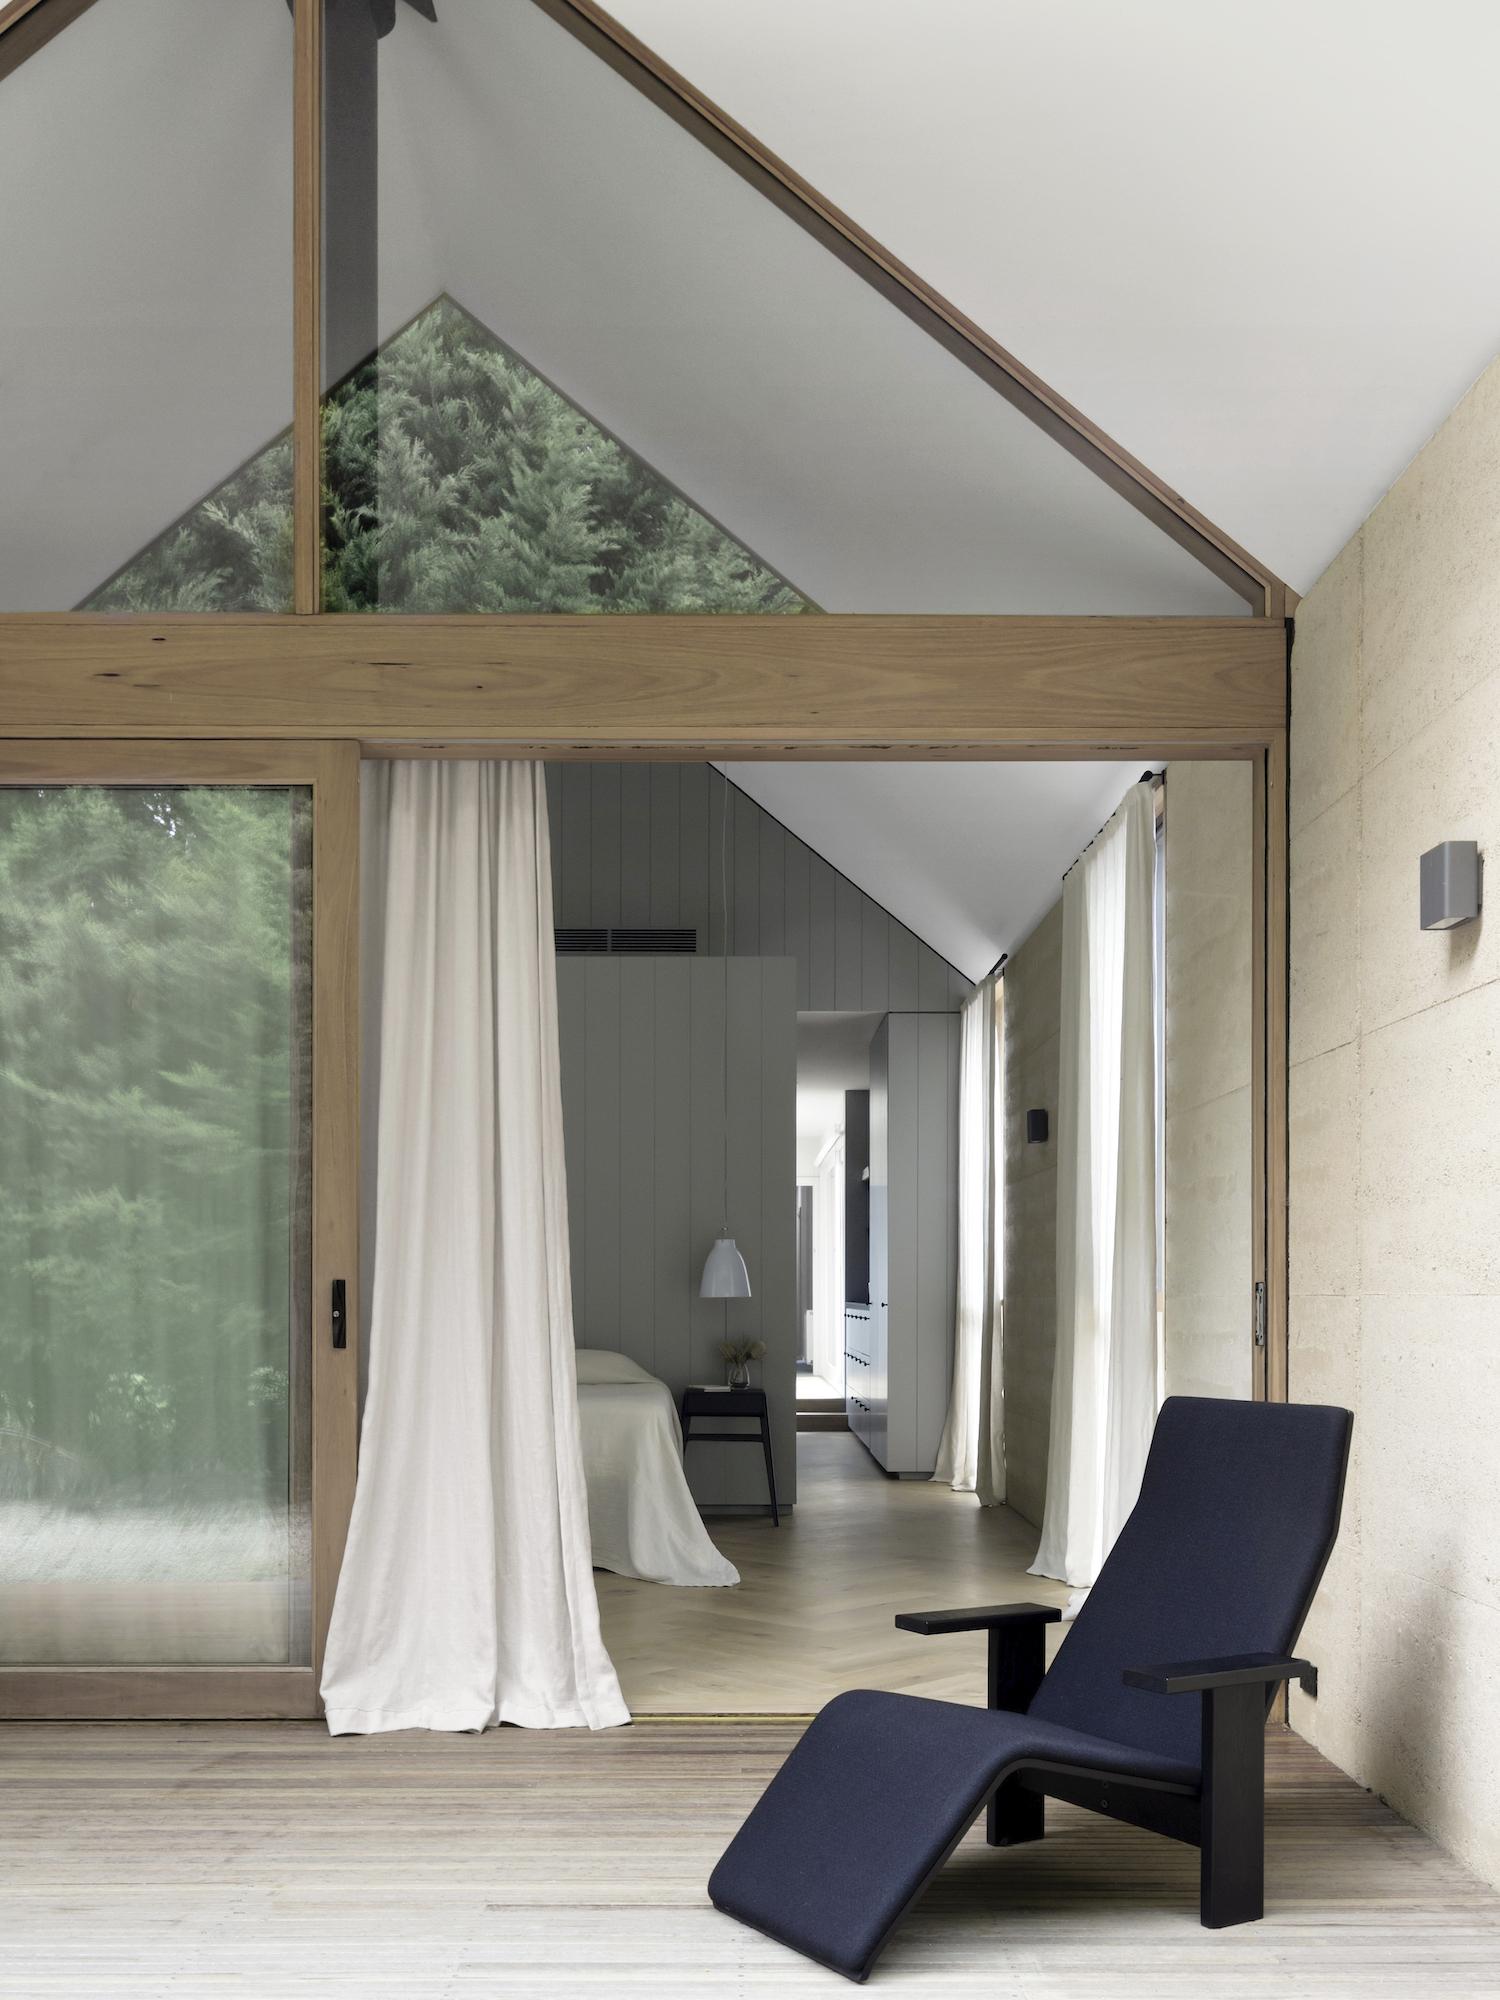 est living sybil house templeton architecture 2